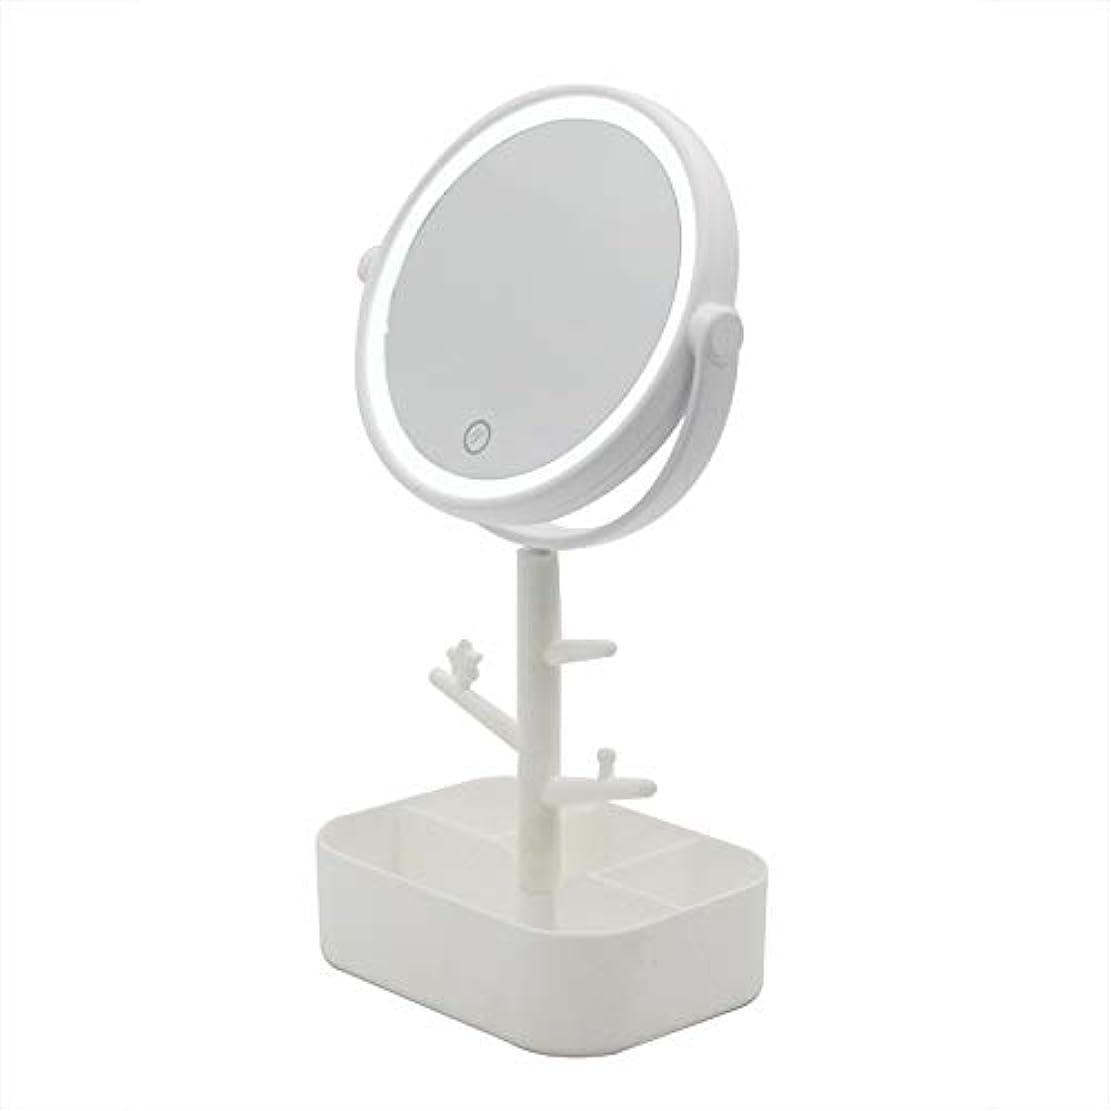 祖先超えてさらにLecone LED化粧鏡 女優ミラー 卓上ミラー 360度調整可能 スタンドミラー LEDライト メイク 化粧道具 円型 収納ケース 可収納 USB給電 (ホワイト)